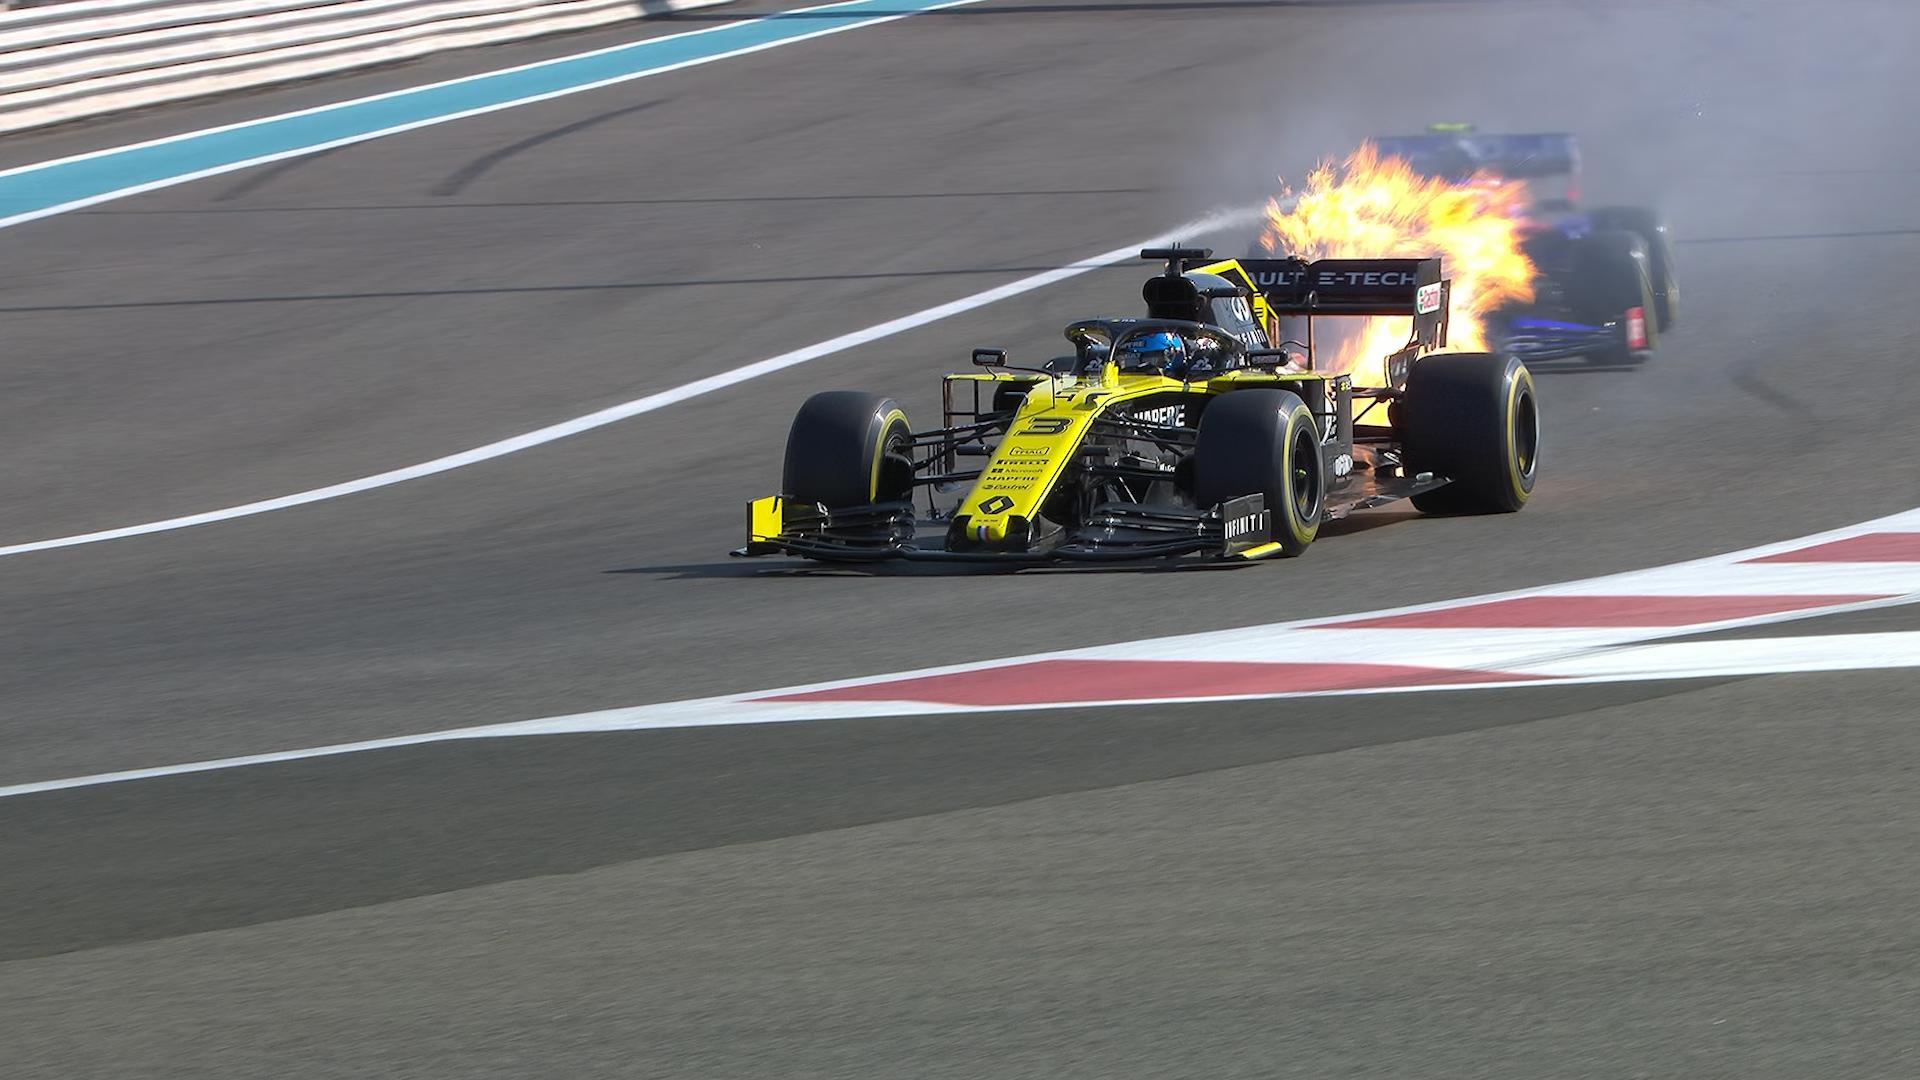 FP1: Daniel Ricciardo suffers spectacular engine failure